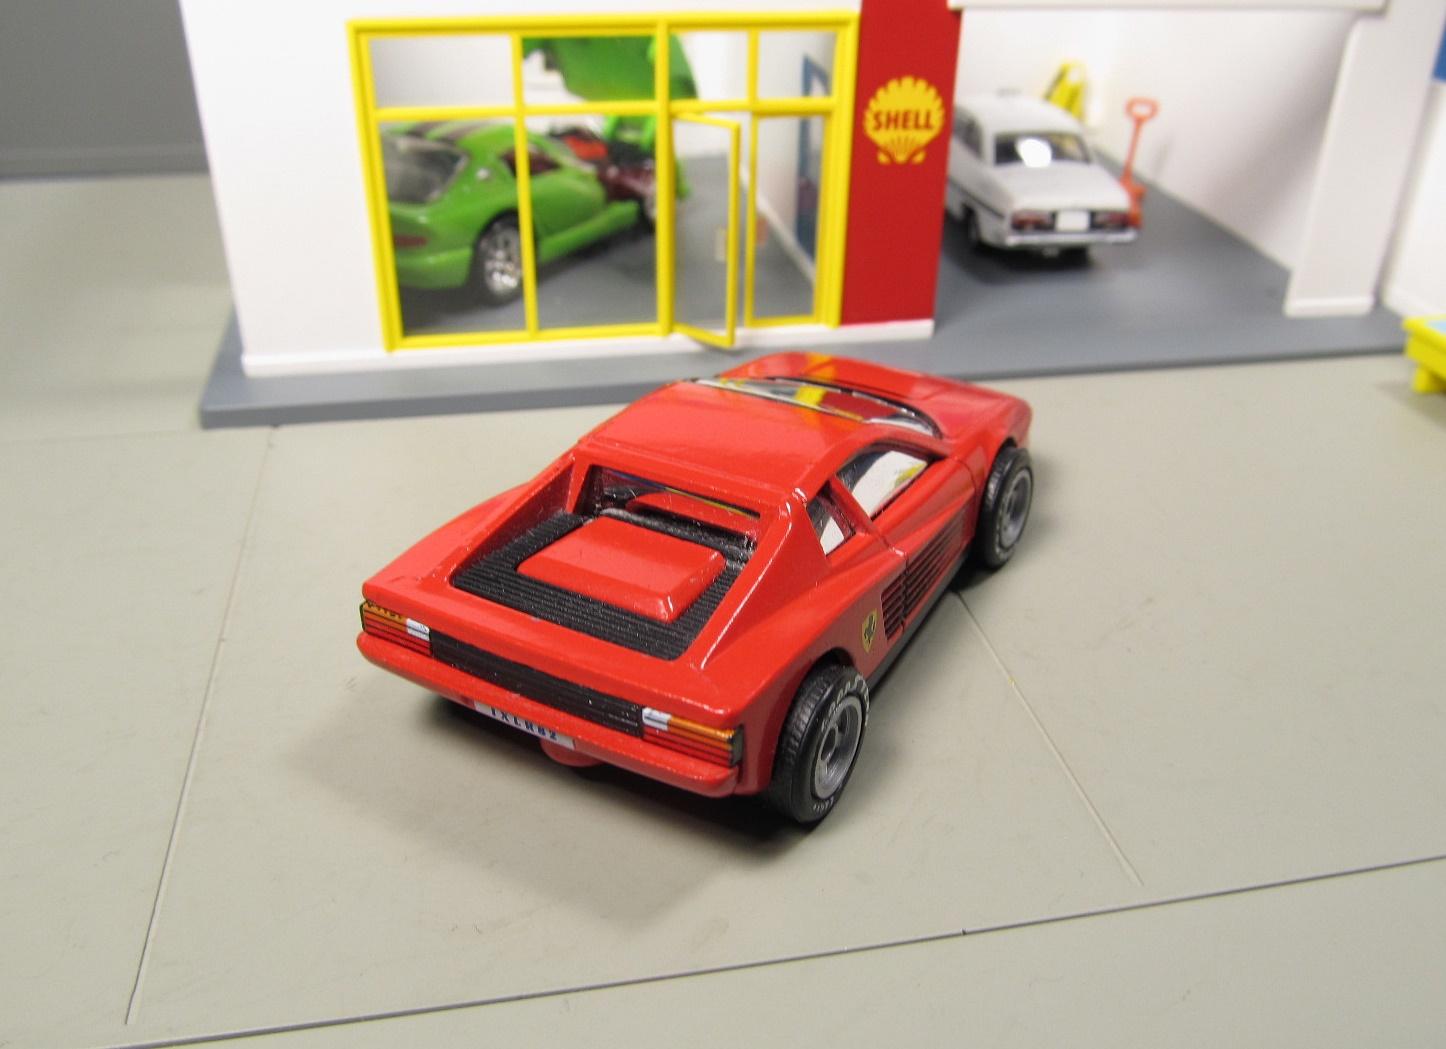 Matchbox World Class Ferrari Testarossa Rubber Tires